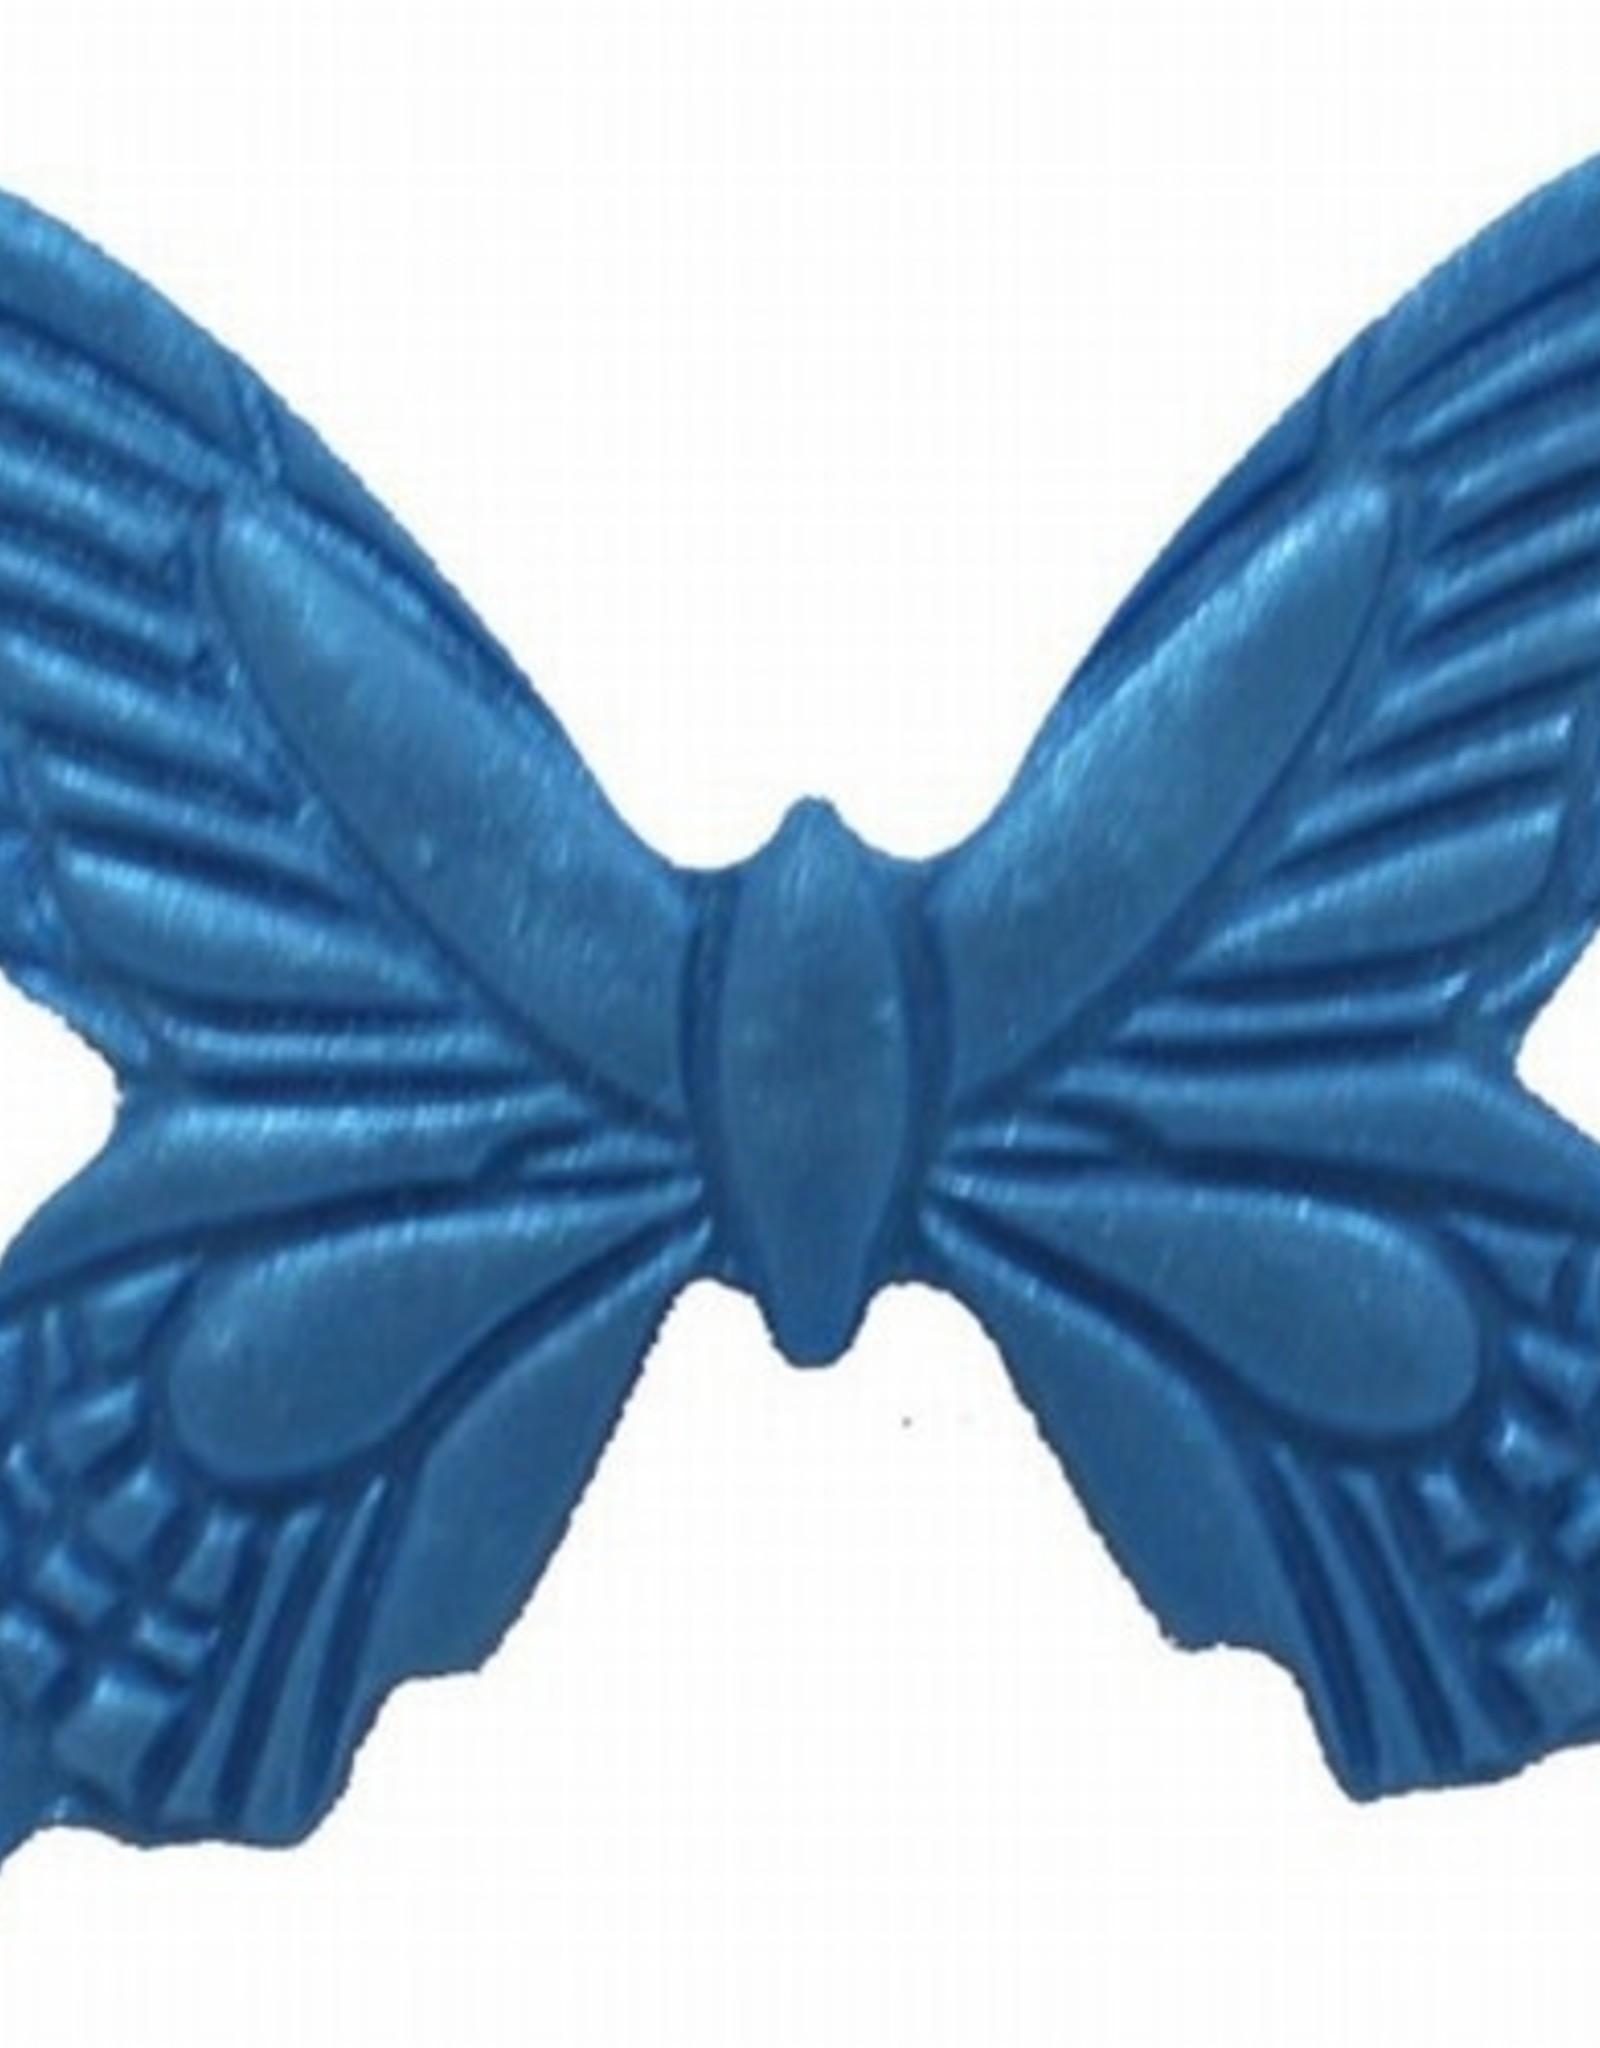 First Impressions Molds First Impressions Molds Butterfly 1